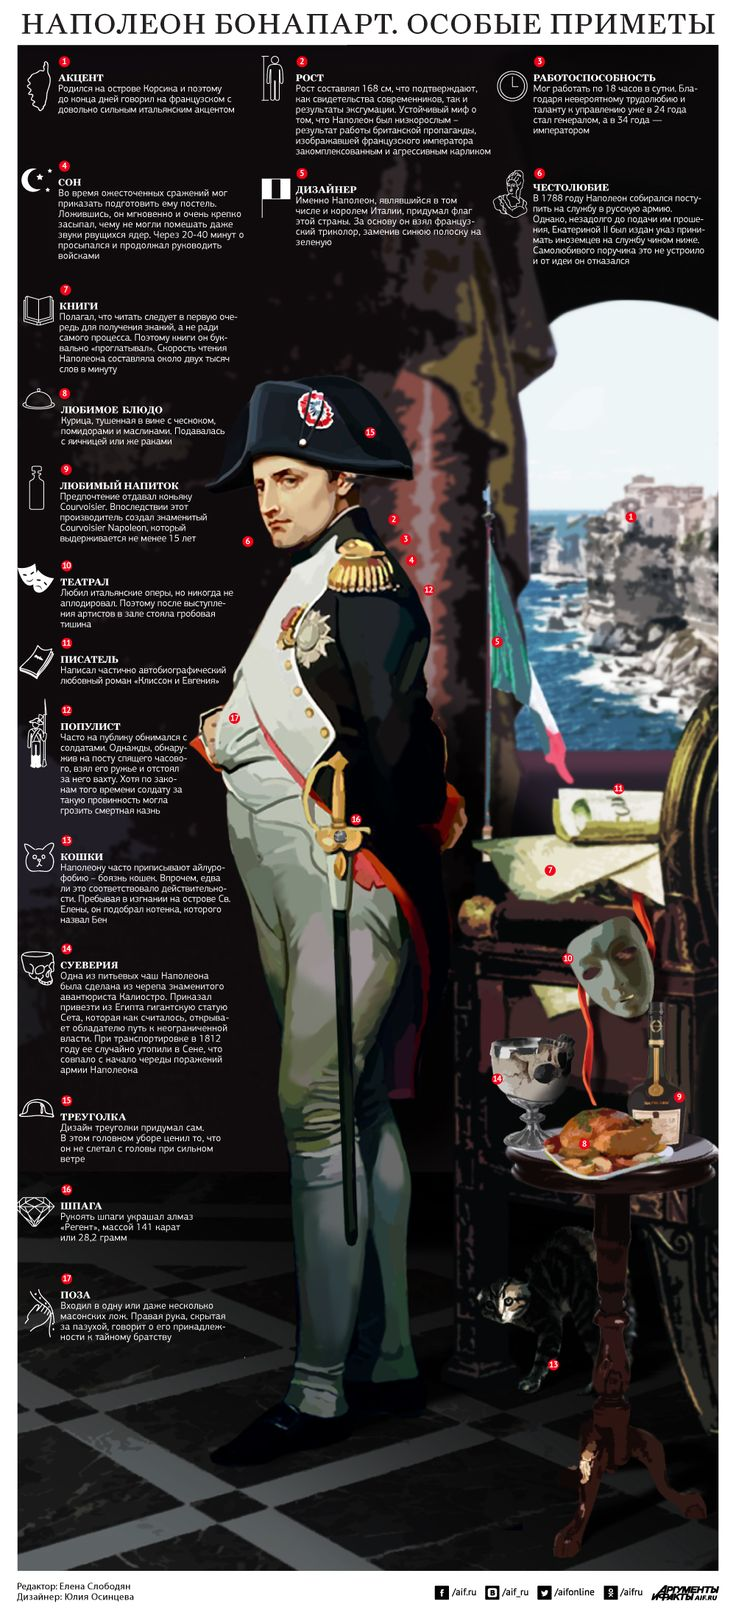 Смотрите в инфографике АиФ.ru подборку особых примет государственного деятеля…